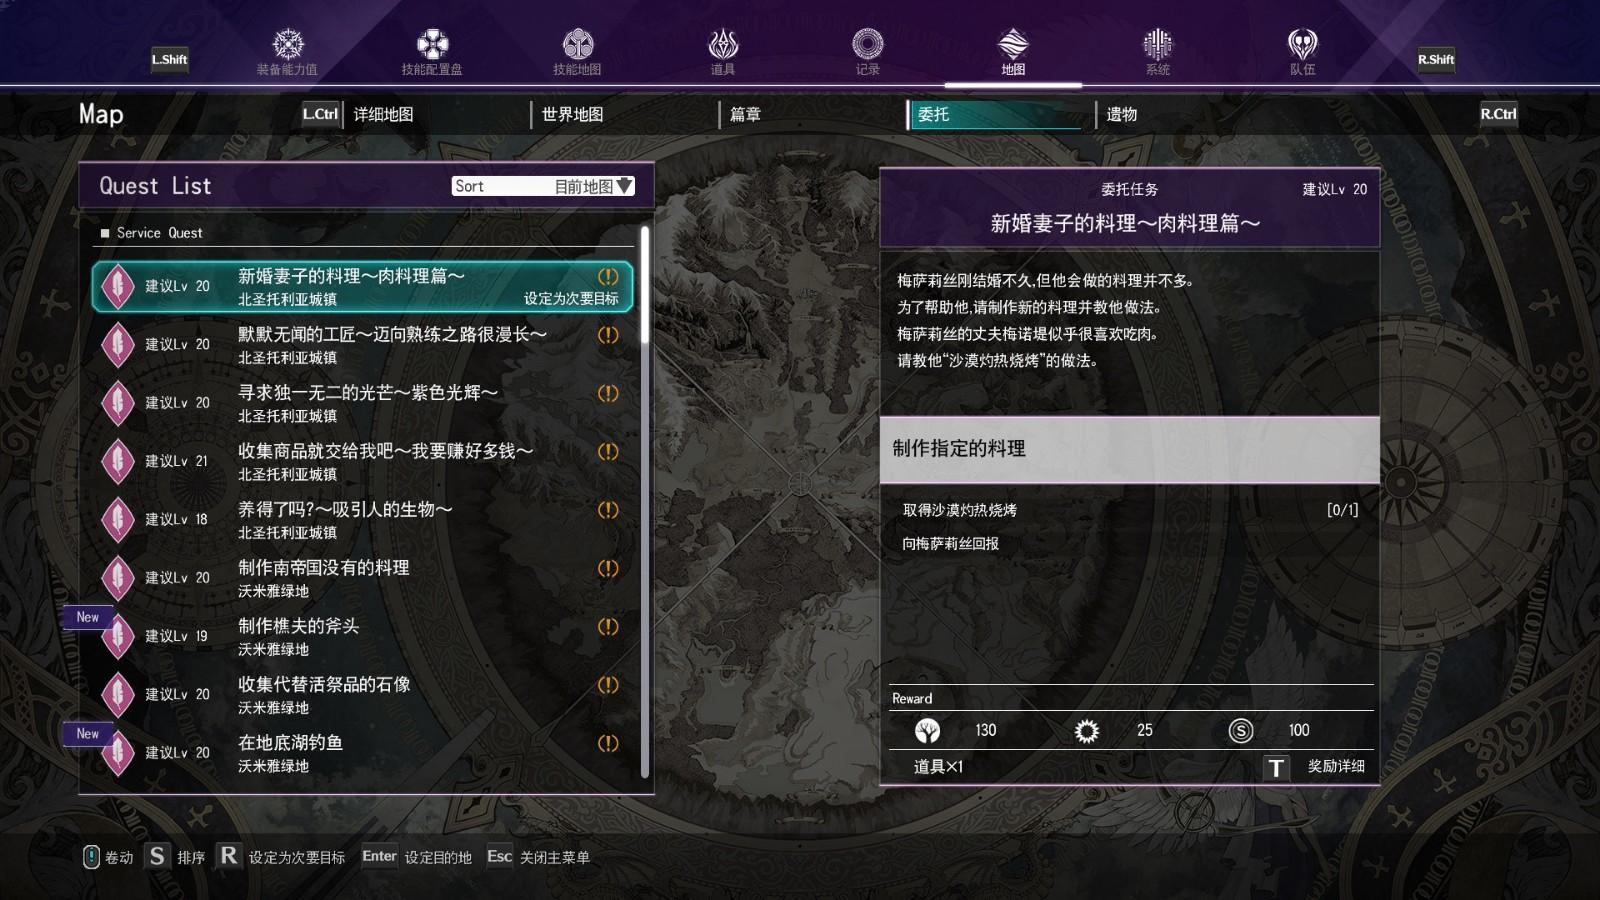 《刀剑神域:彼岸游境》评测:粗糙的优化摧毁游戏体验 (3)